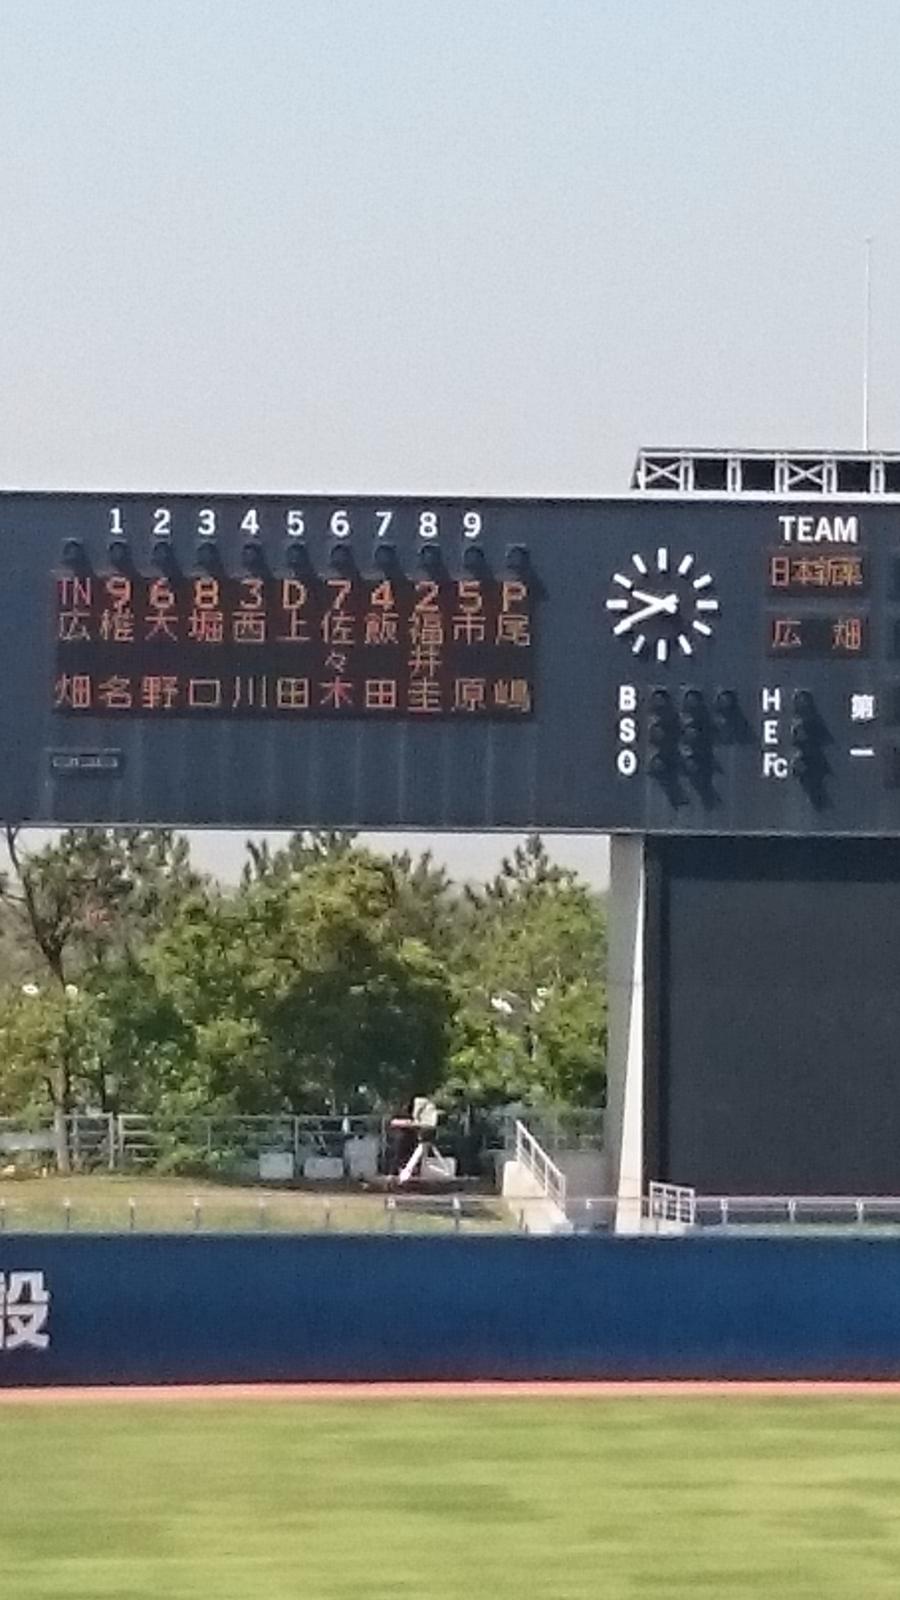 都市 対抗 野球 2019 速報